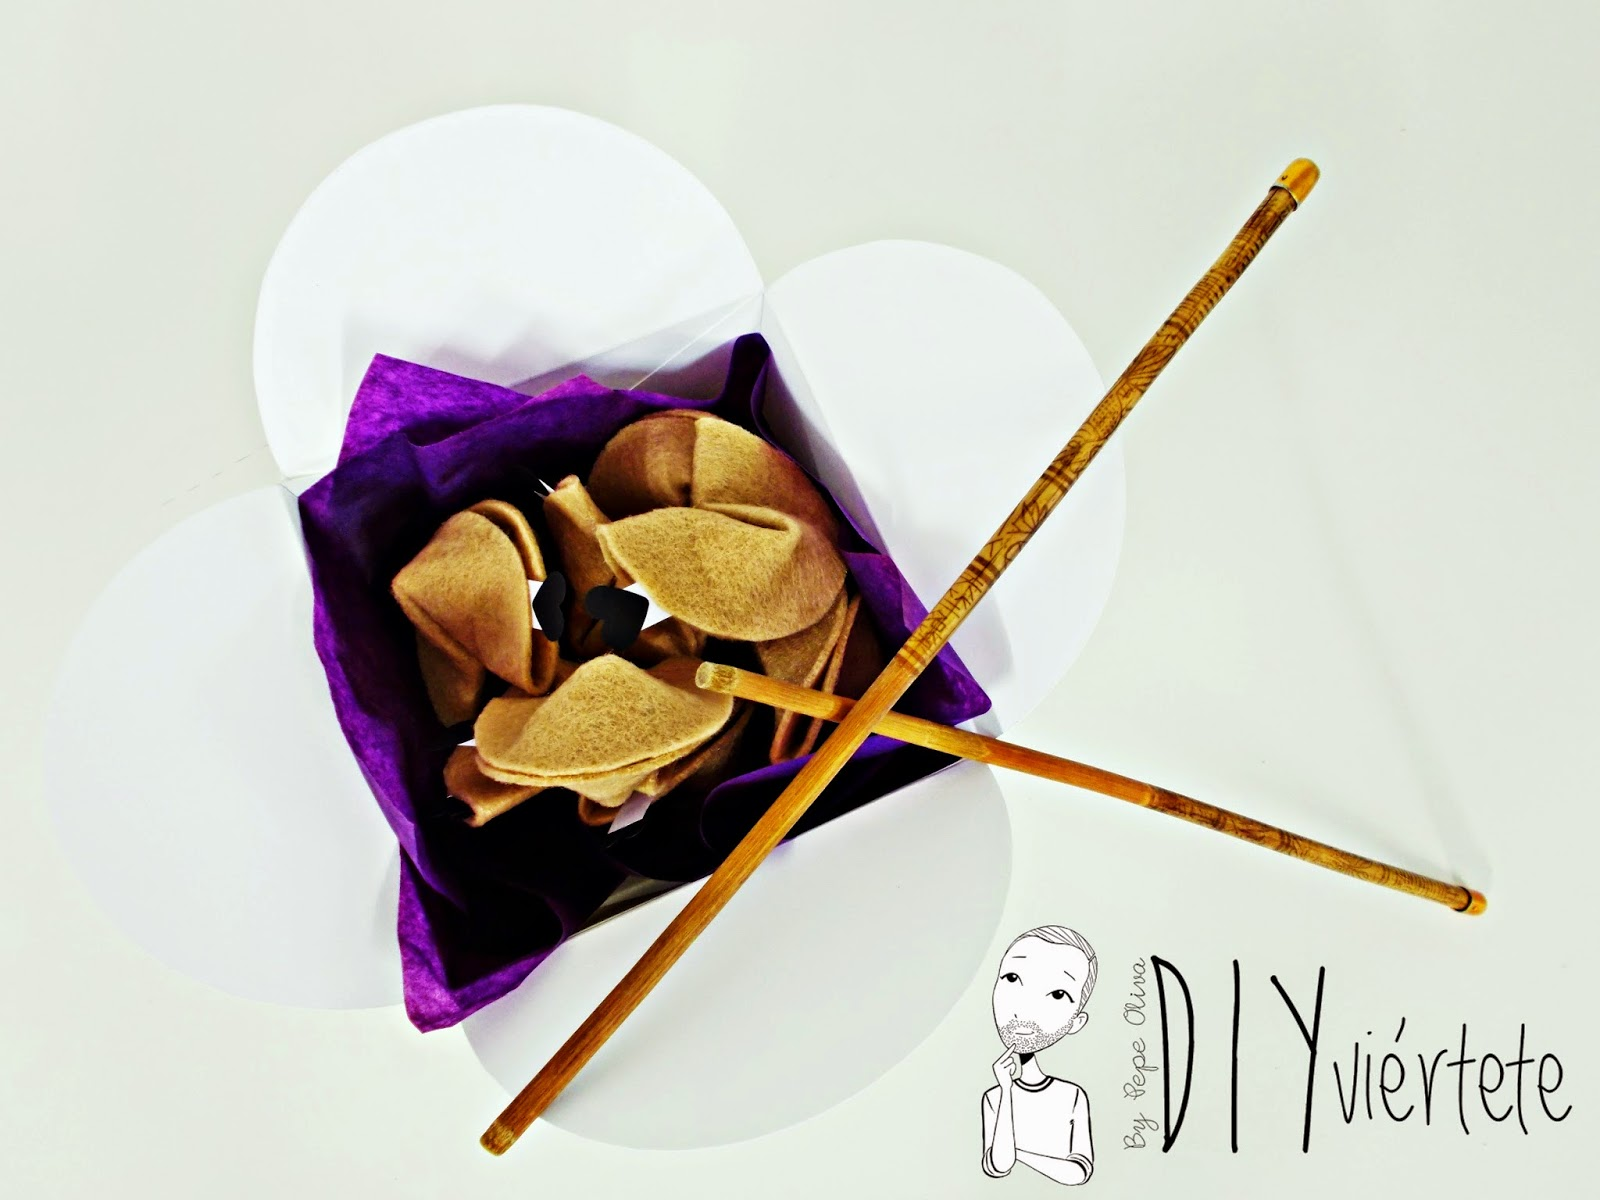 #BLOGERSANDO-diy-propósitos 2015-propósitos año nuevo-galletas de la fortuna-fieltro-papiroflexia-japonés-galletas de la suerte-deseos-11